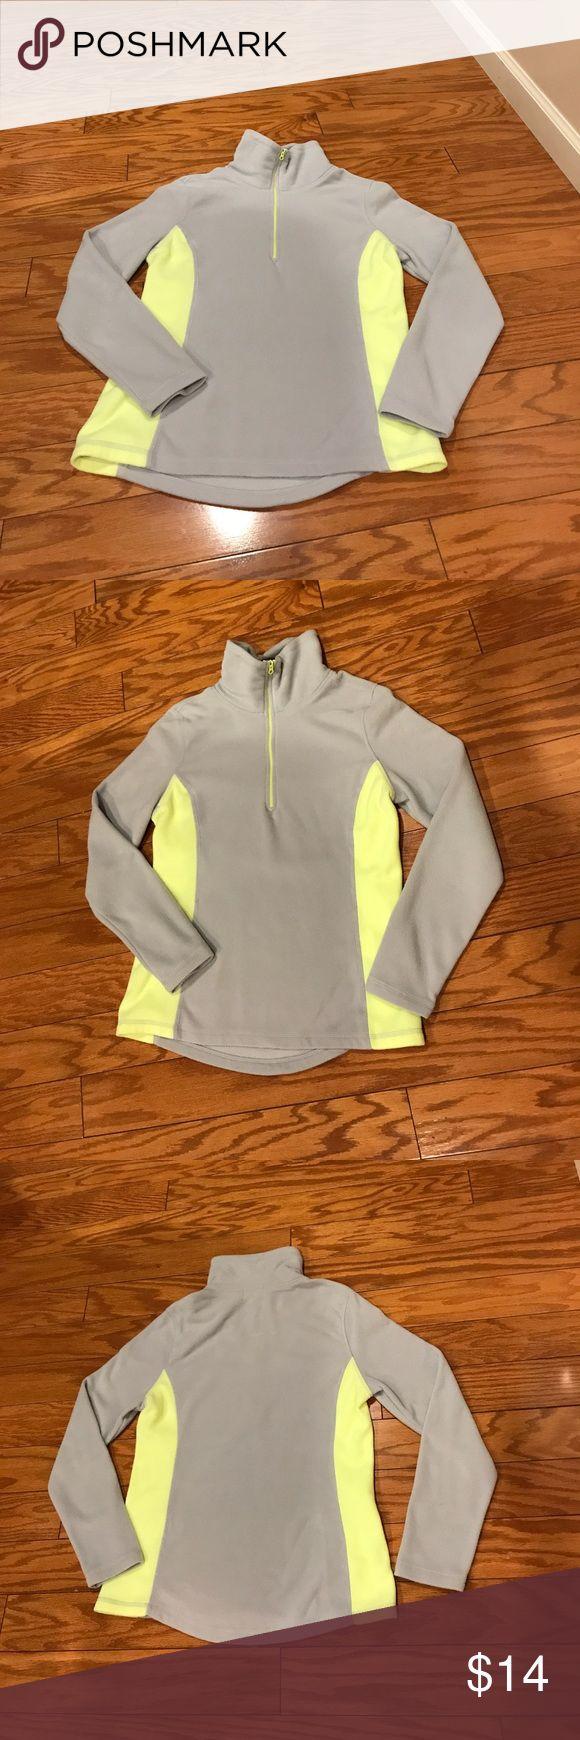 ✂️price drop✂️Old Navy fleece - XS Grey and yellow Old Navy half zip fleece. Gently worn, in great condition. Old Navy Tops Sweatshirts & Hoodies